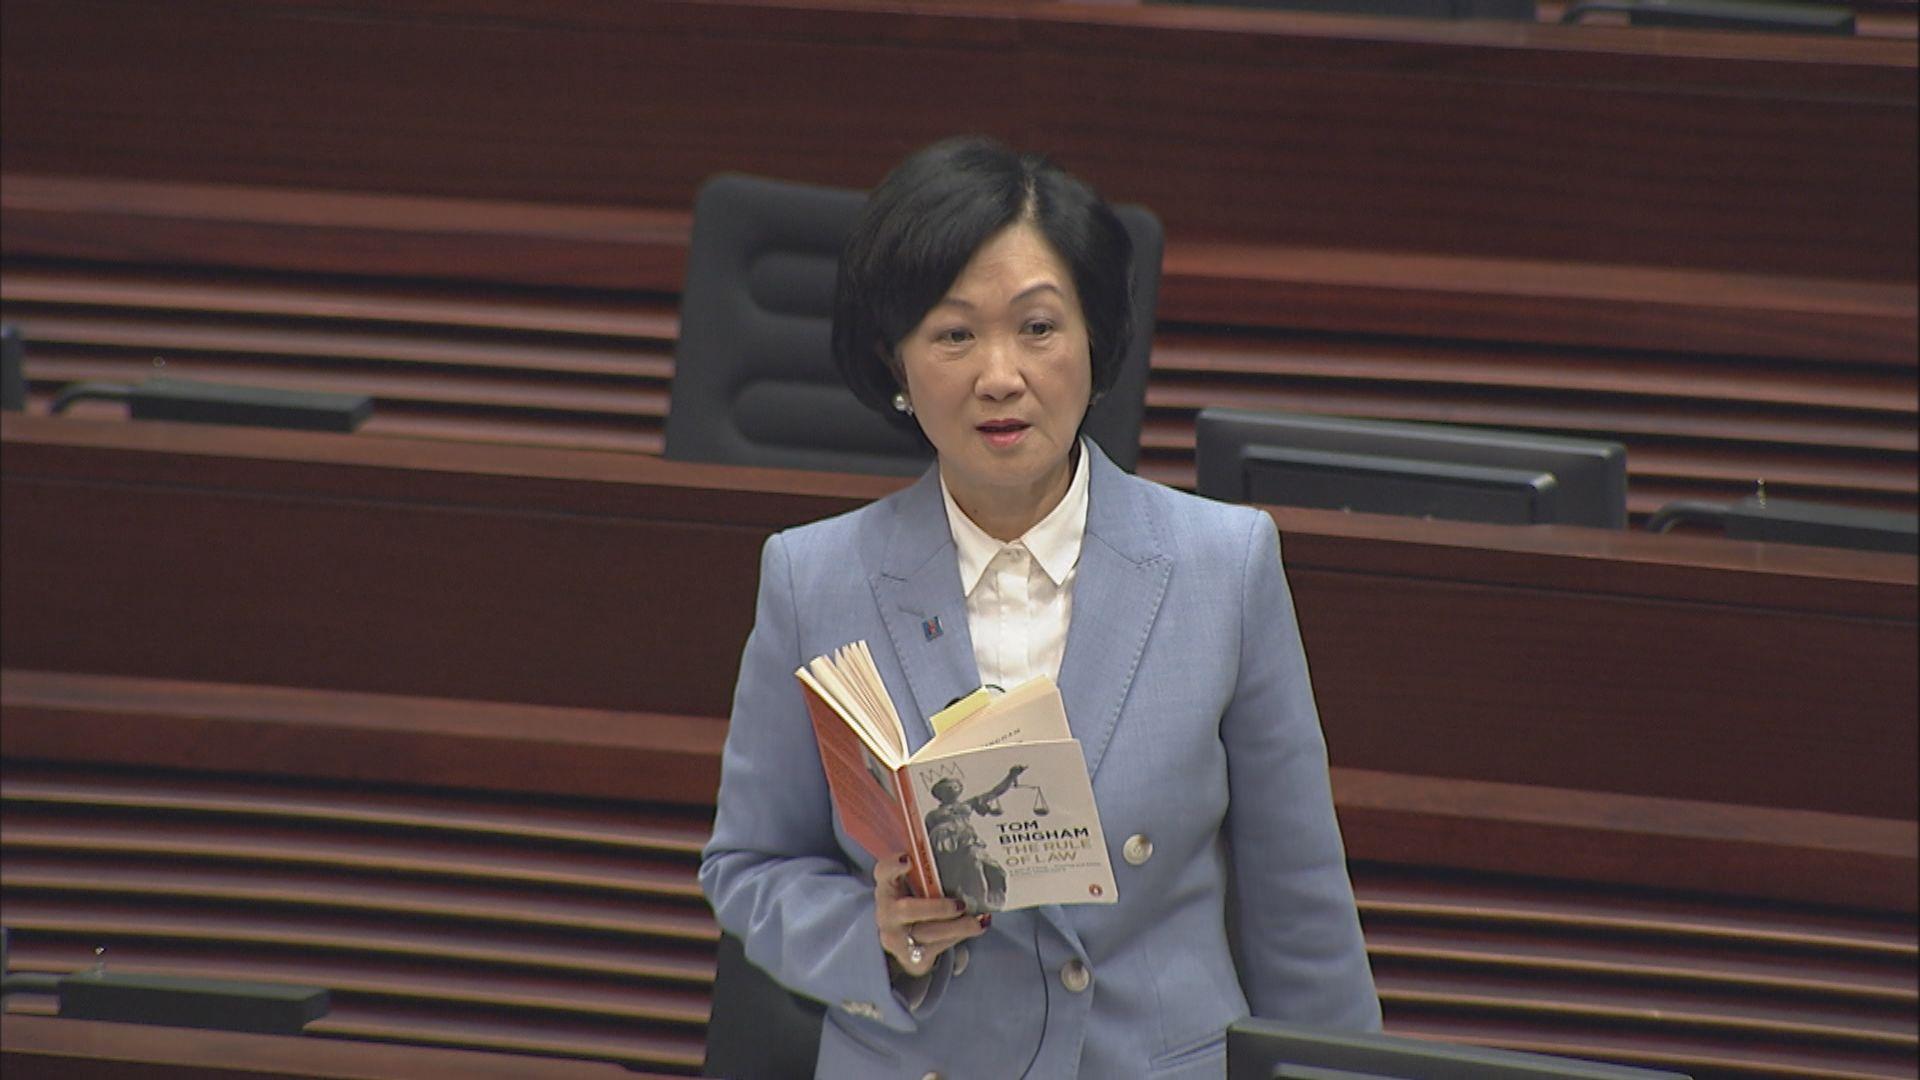 高院法官反修例 葉劉質疑中立性